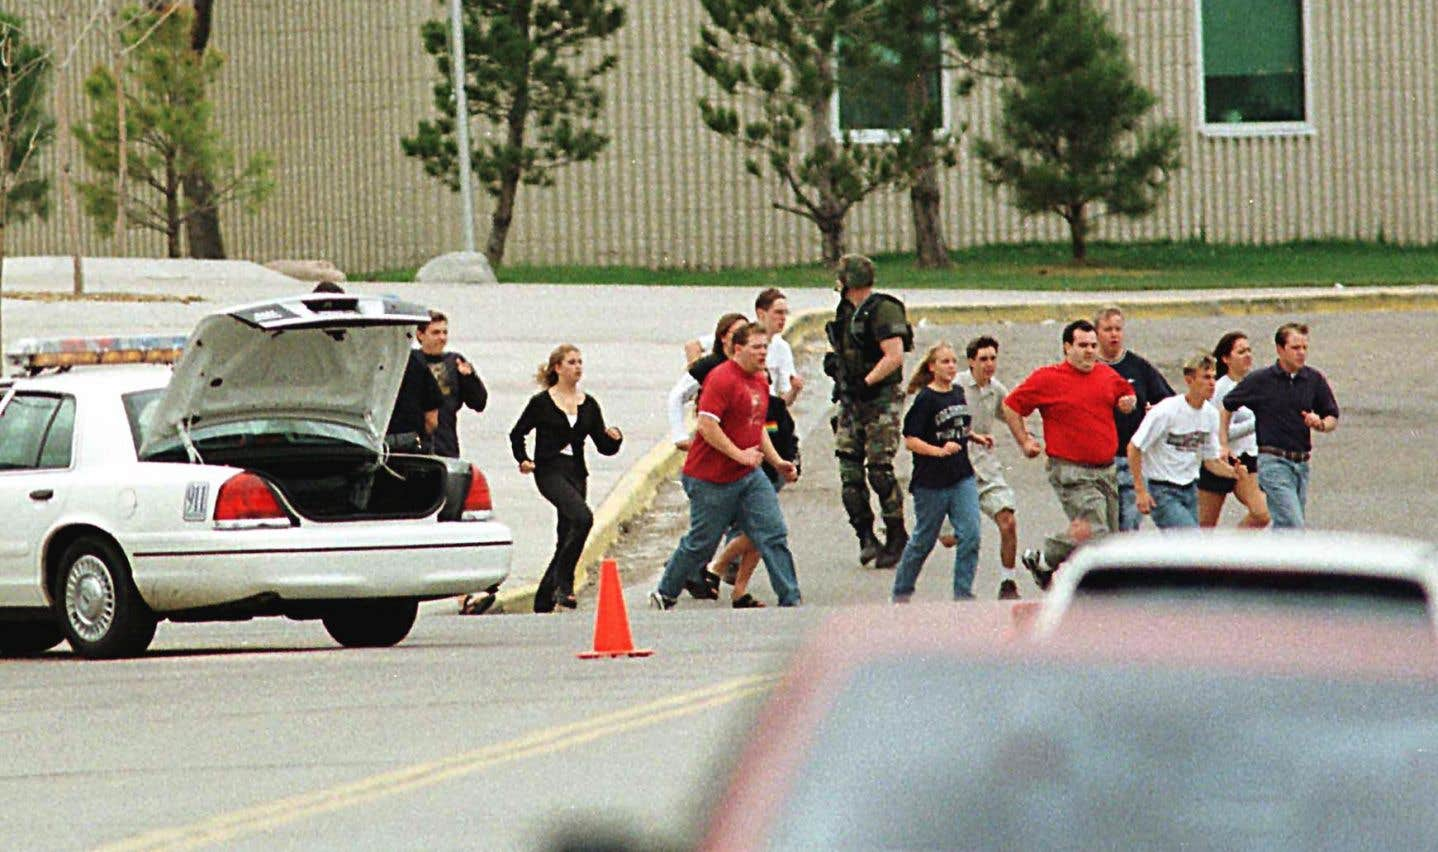 Certaines fusillades ont durablement traumatisé l'Amérique, comme celles de Columbine, en 1999.